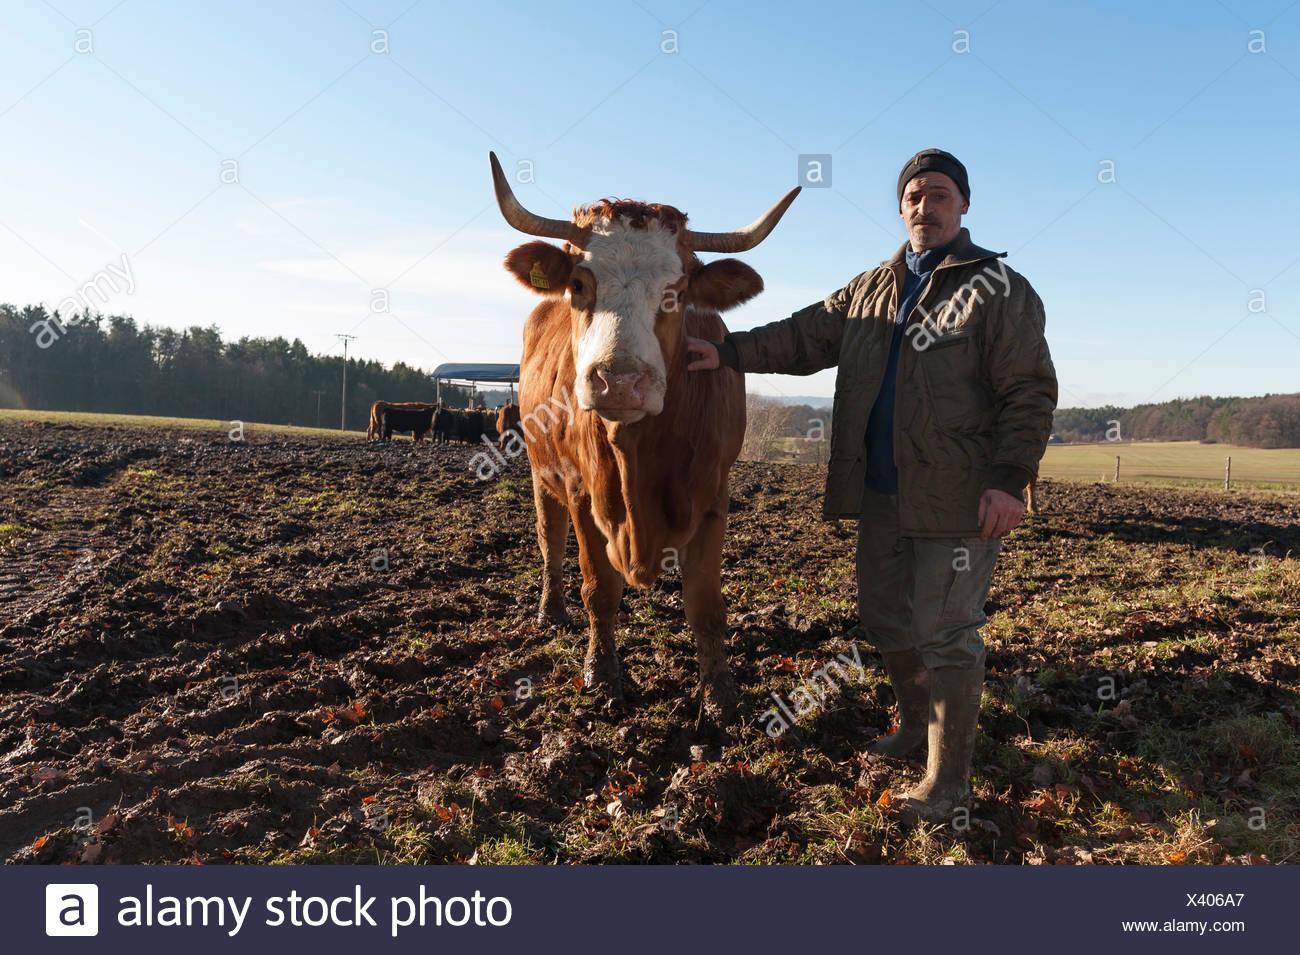 Agriculteur avec vache Salers en pâturage, Middle Franconia, Bavaria, Germany Banque D'Images